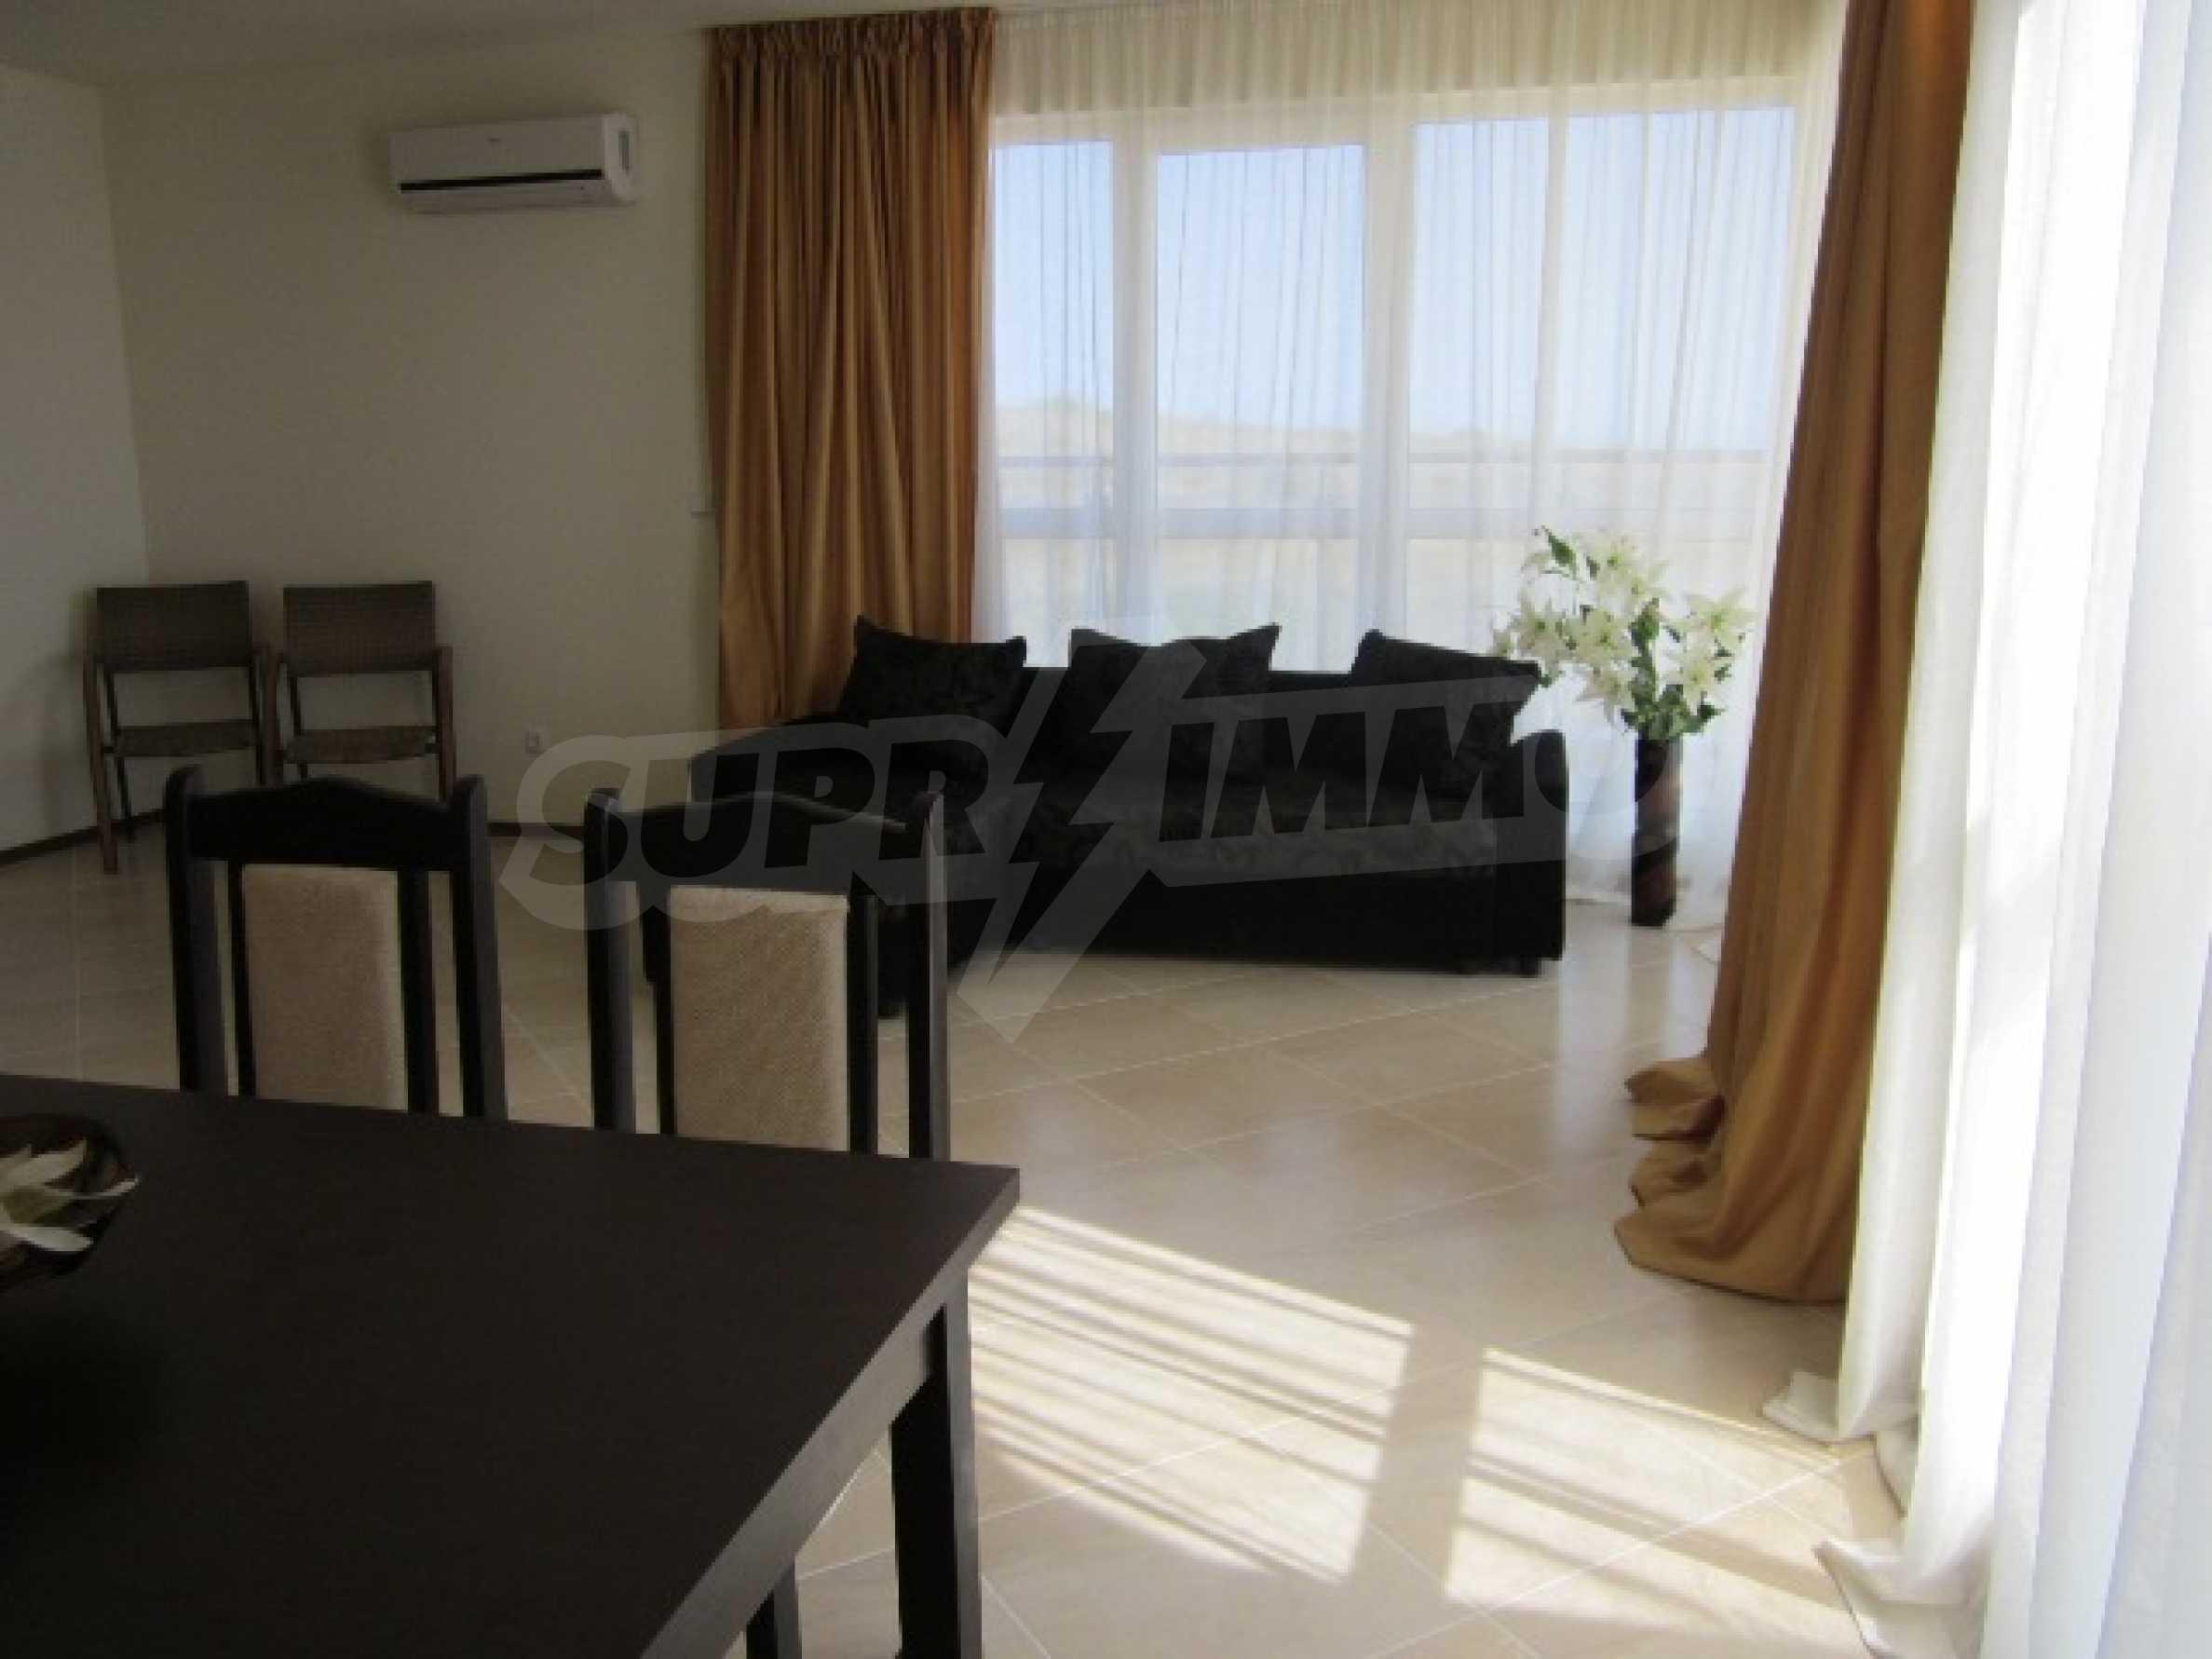 Апартаменти с морска панорама 15